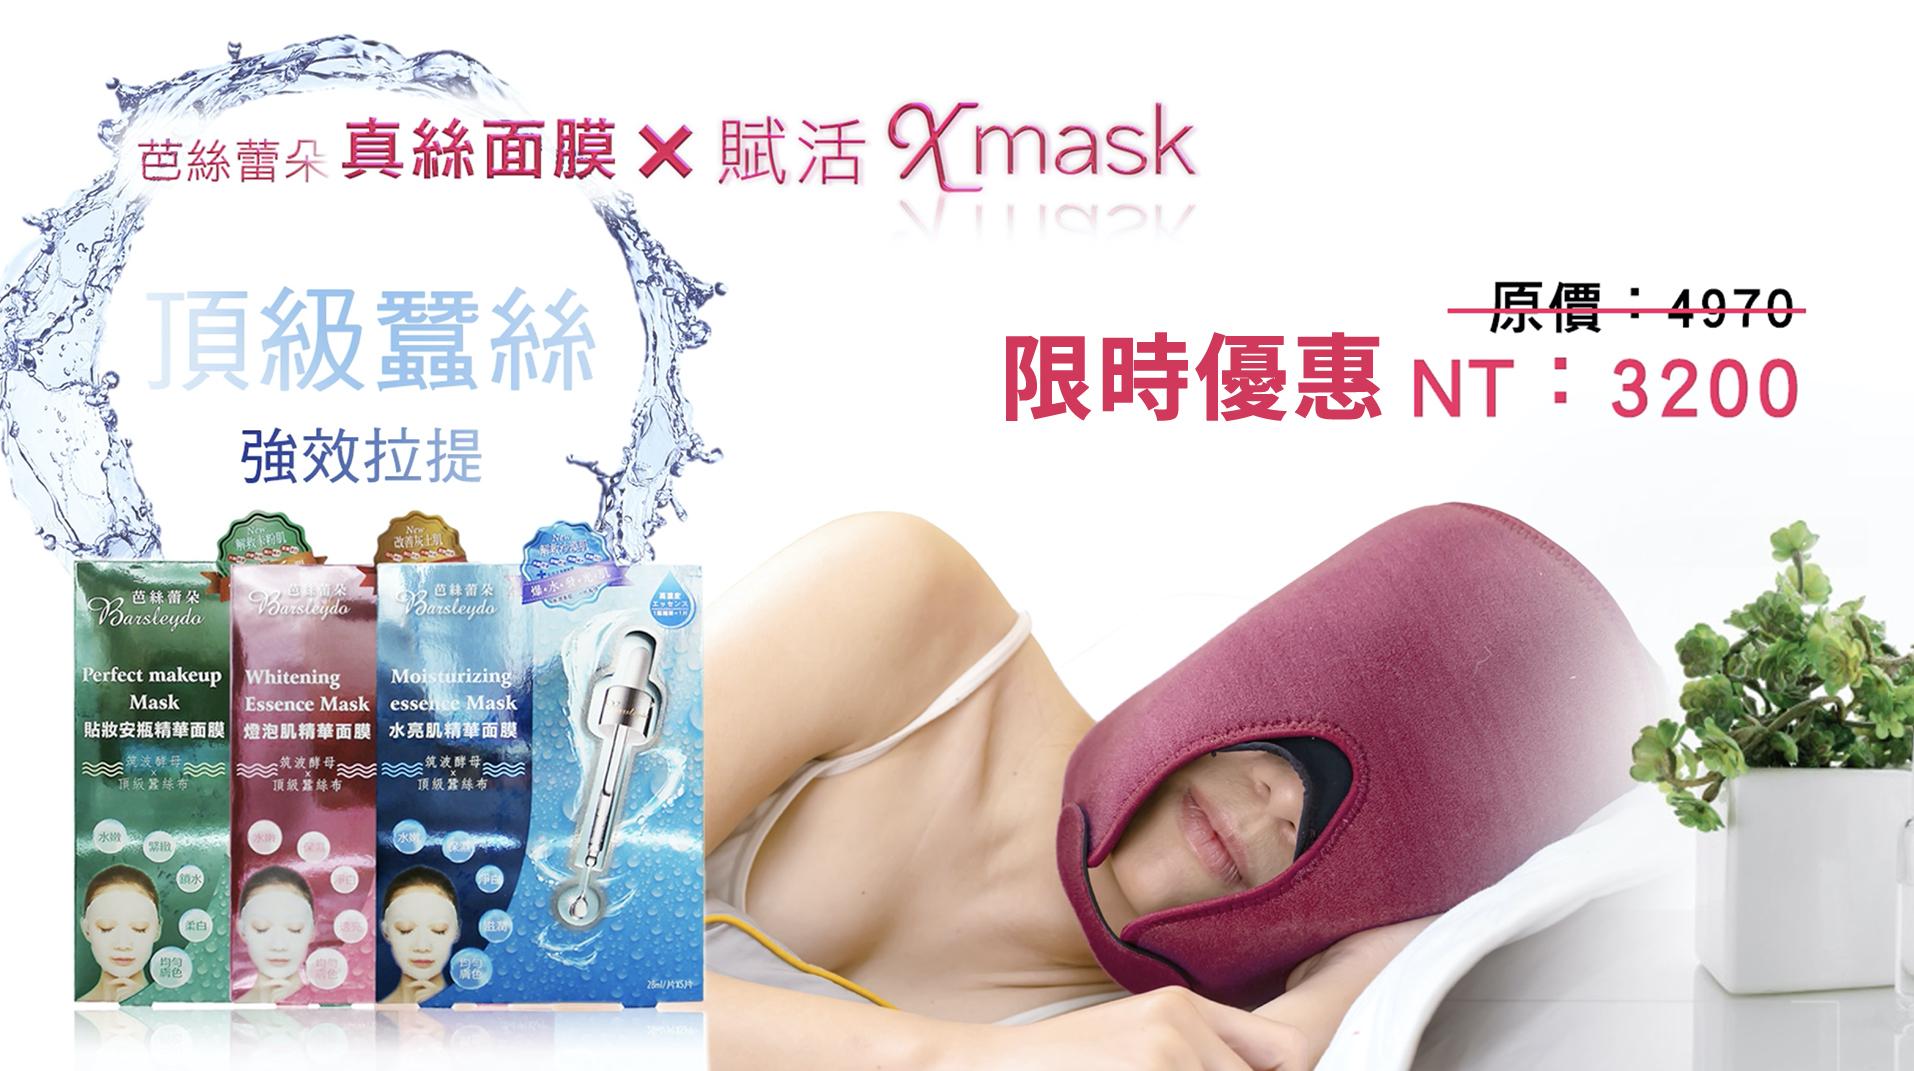 xmask美容面罩加蠶絲面膜優惠